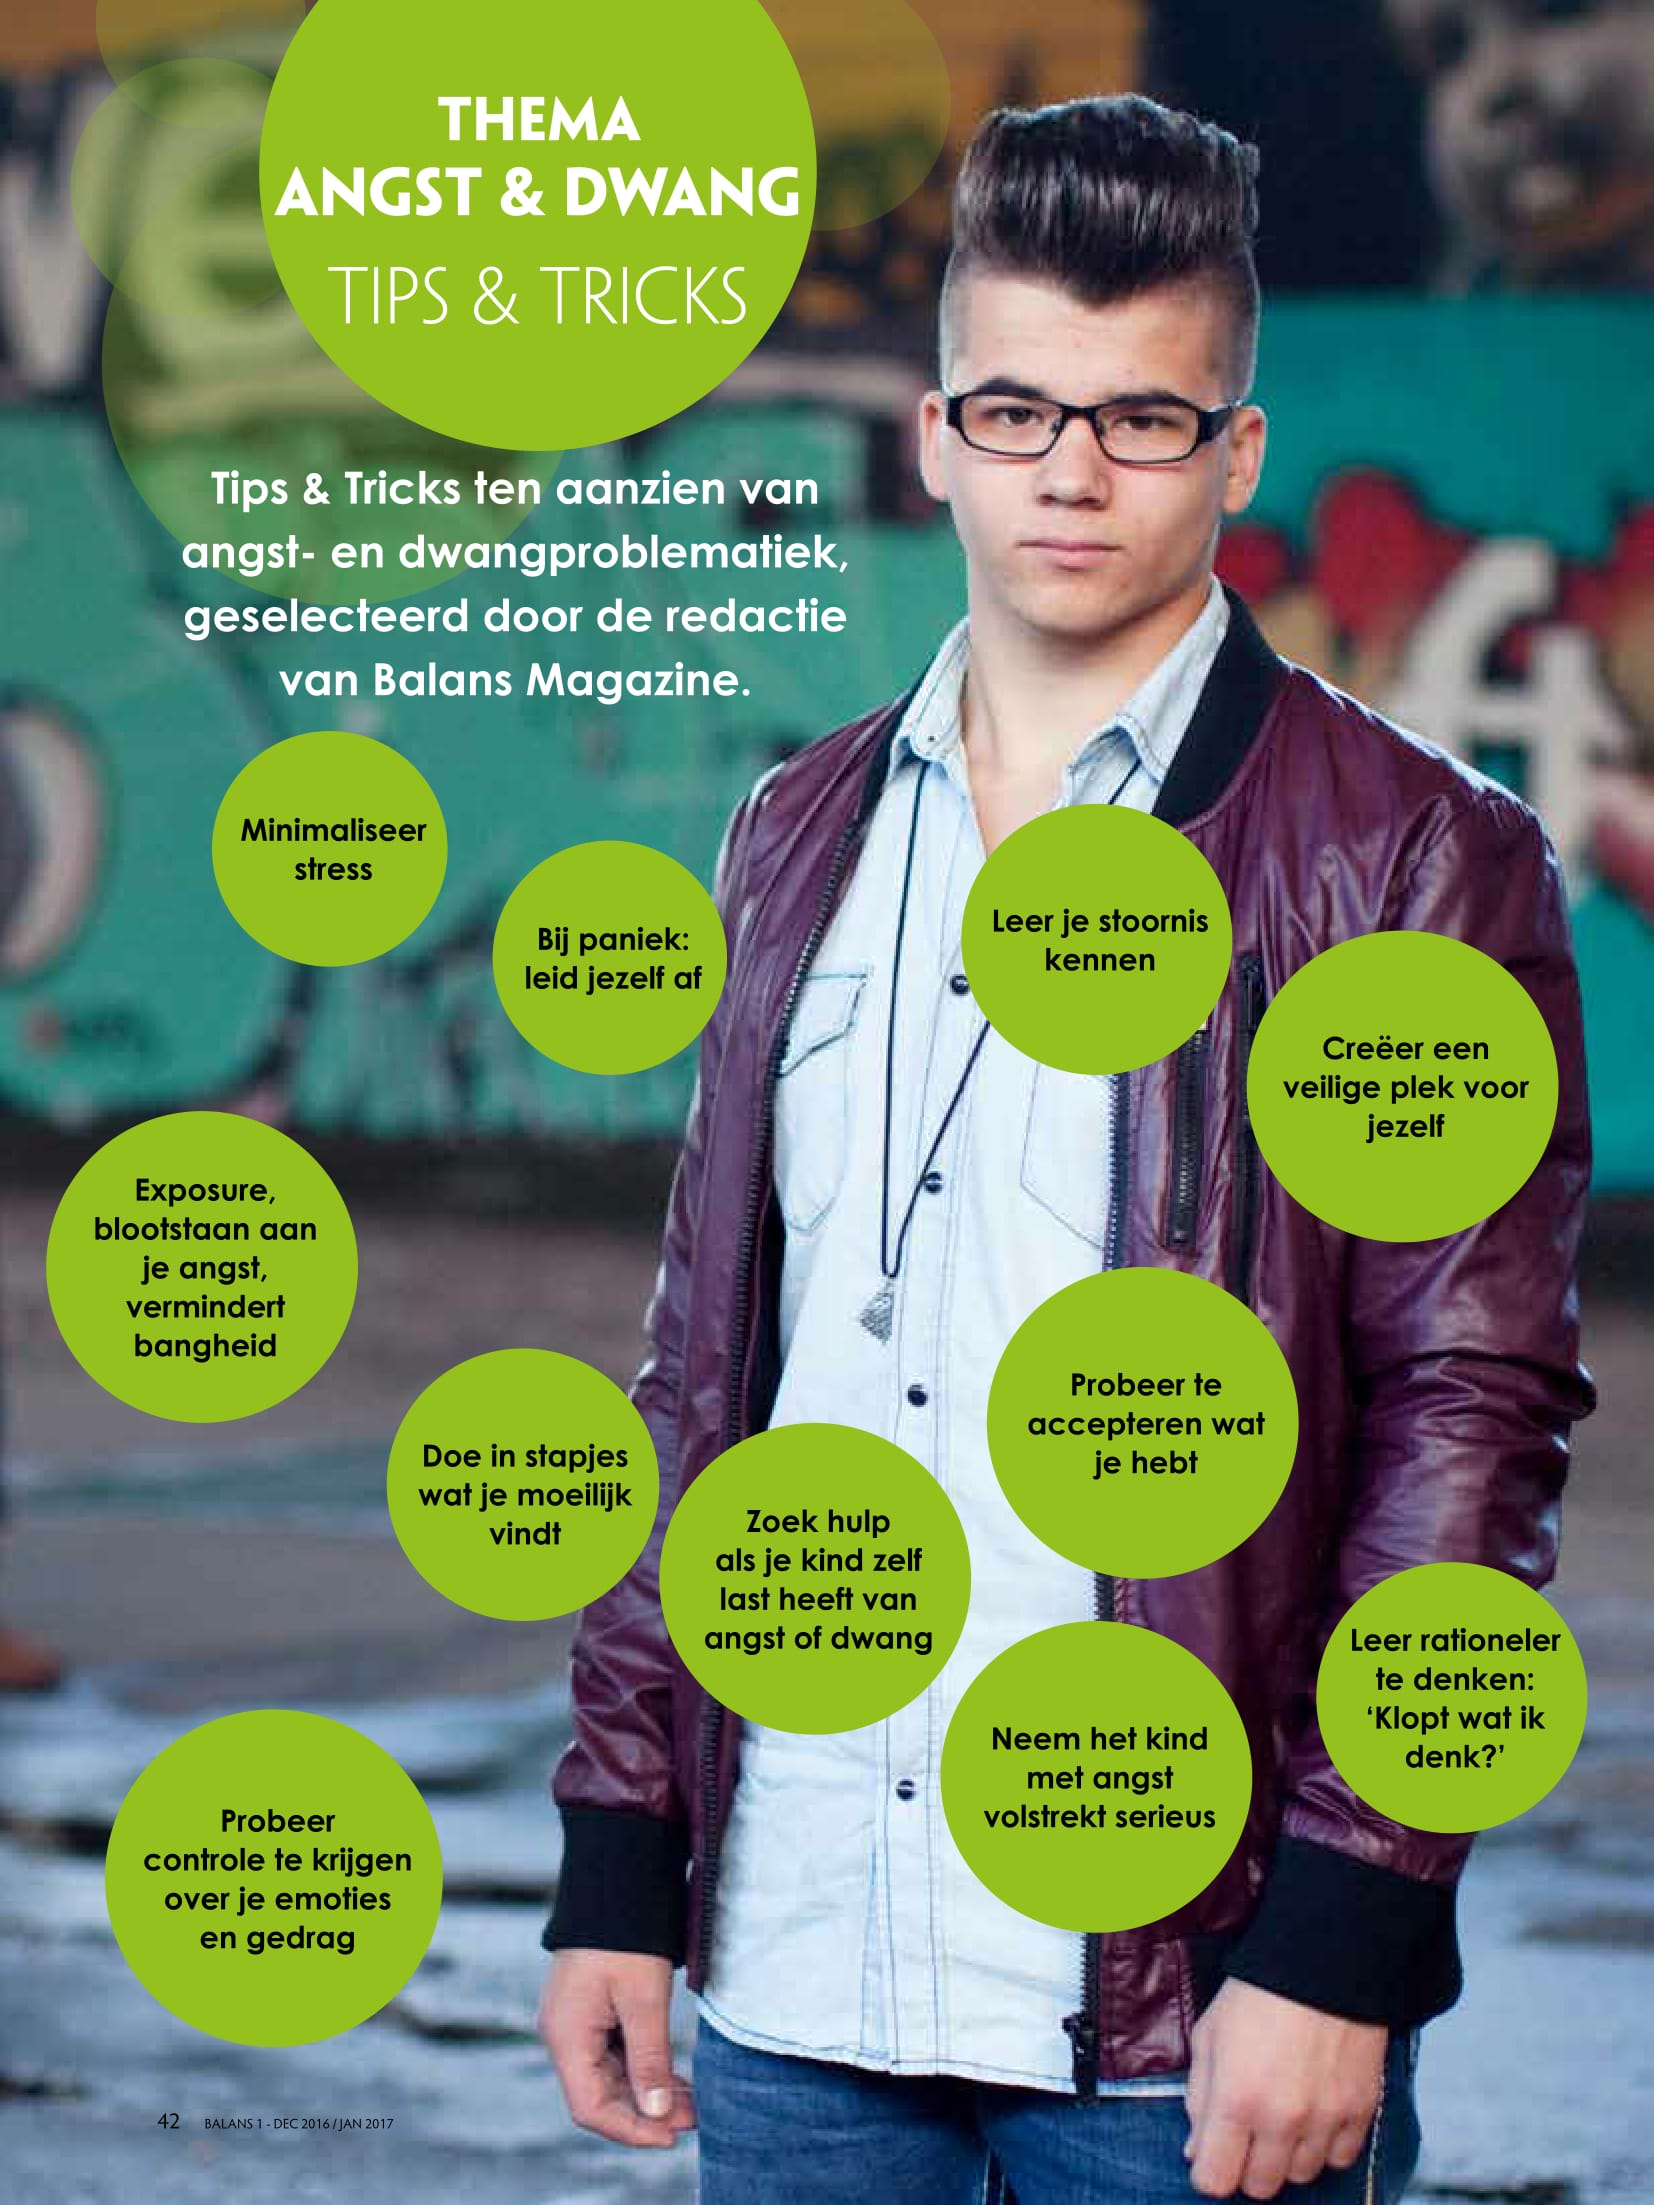 IMG - Balans Magazine Tips & Tricks angst- en dwangproblematiek